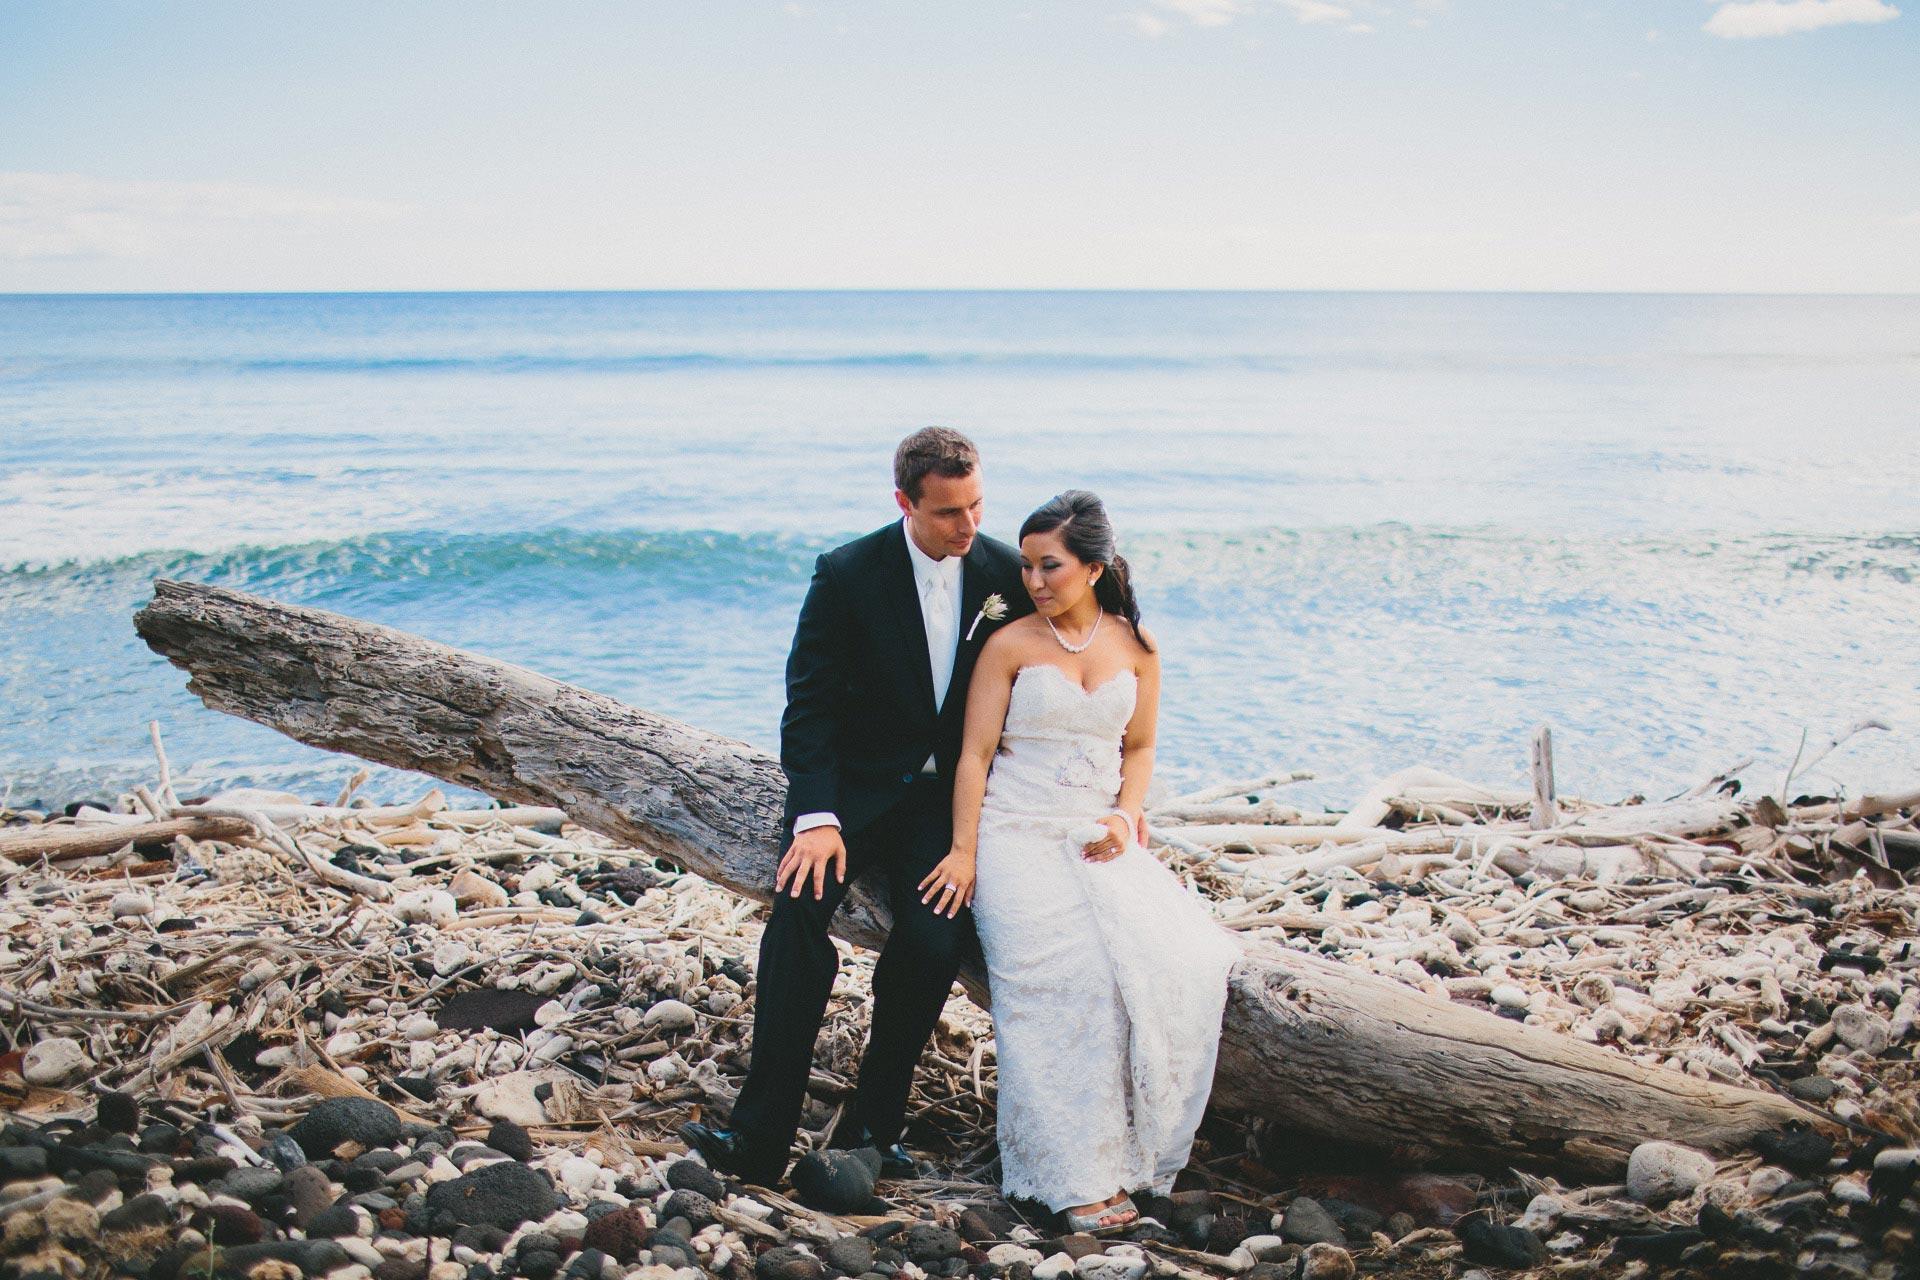 KW-Maui-Hawaii-Wedding-079@2x.jpg